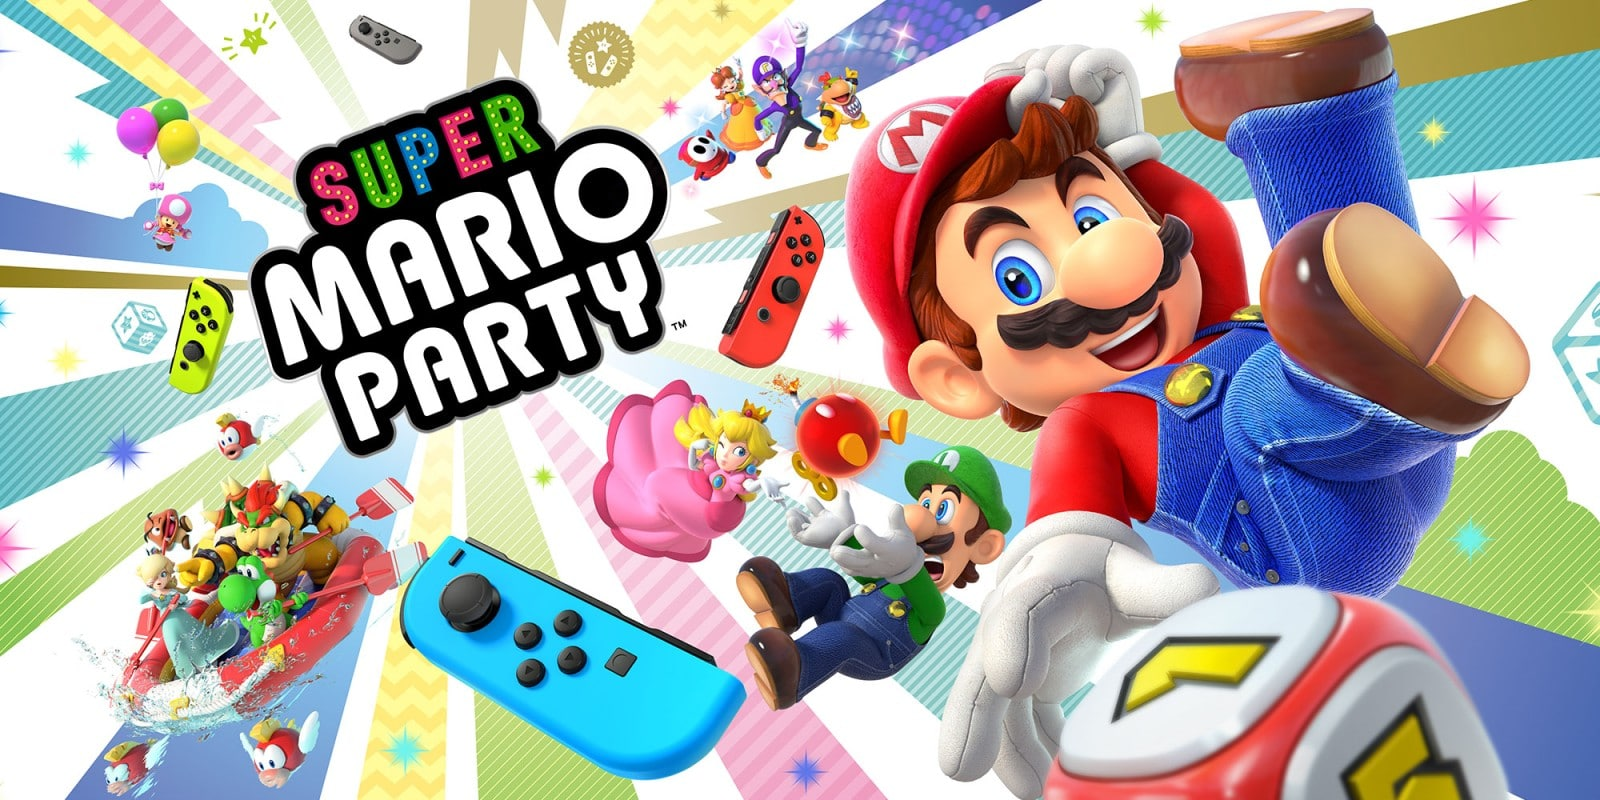 Super Mario Party, tutti i dettagli sulla campagna promozionale in Cina thumbnail